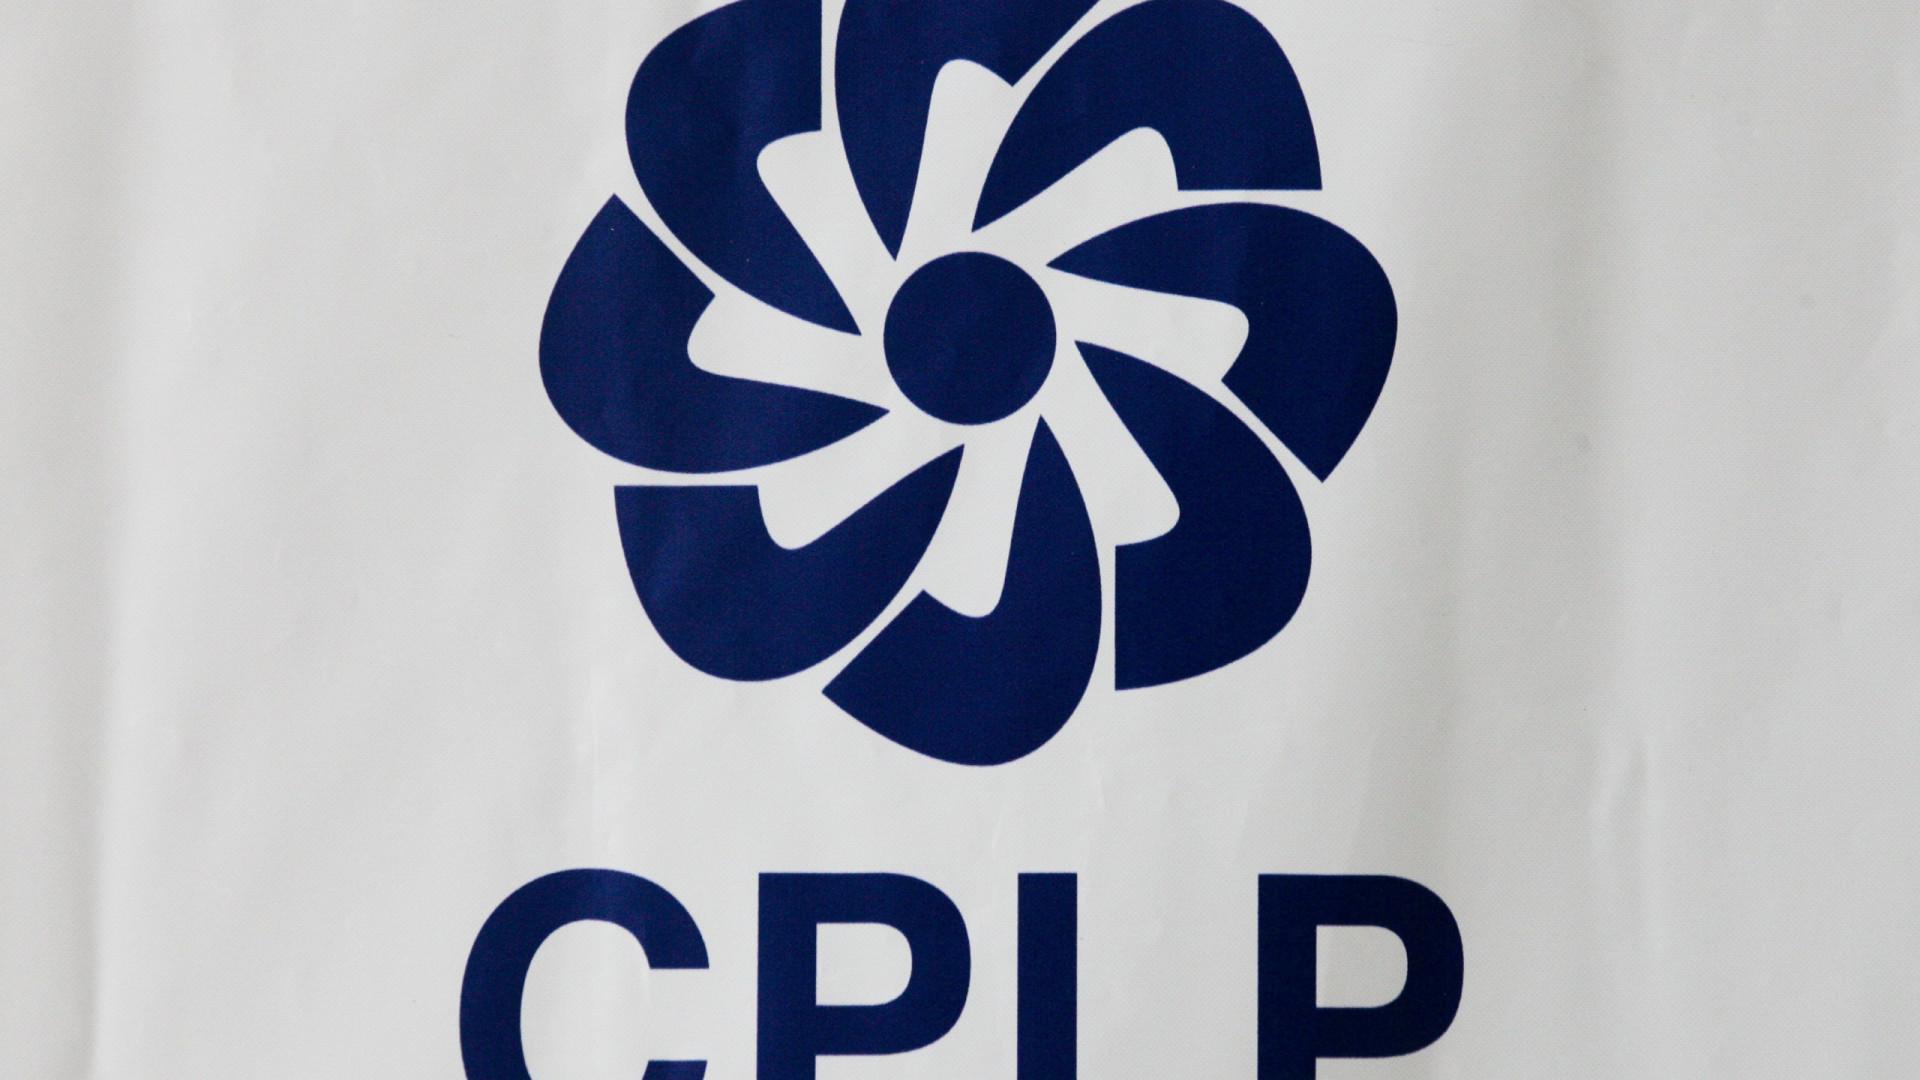 Países africanos lusófonos podem beneficiar da relação entre CPLP e OEI